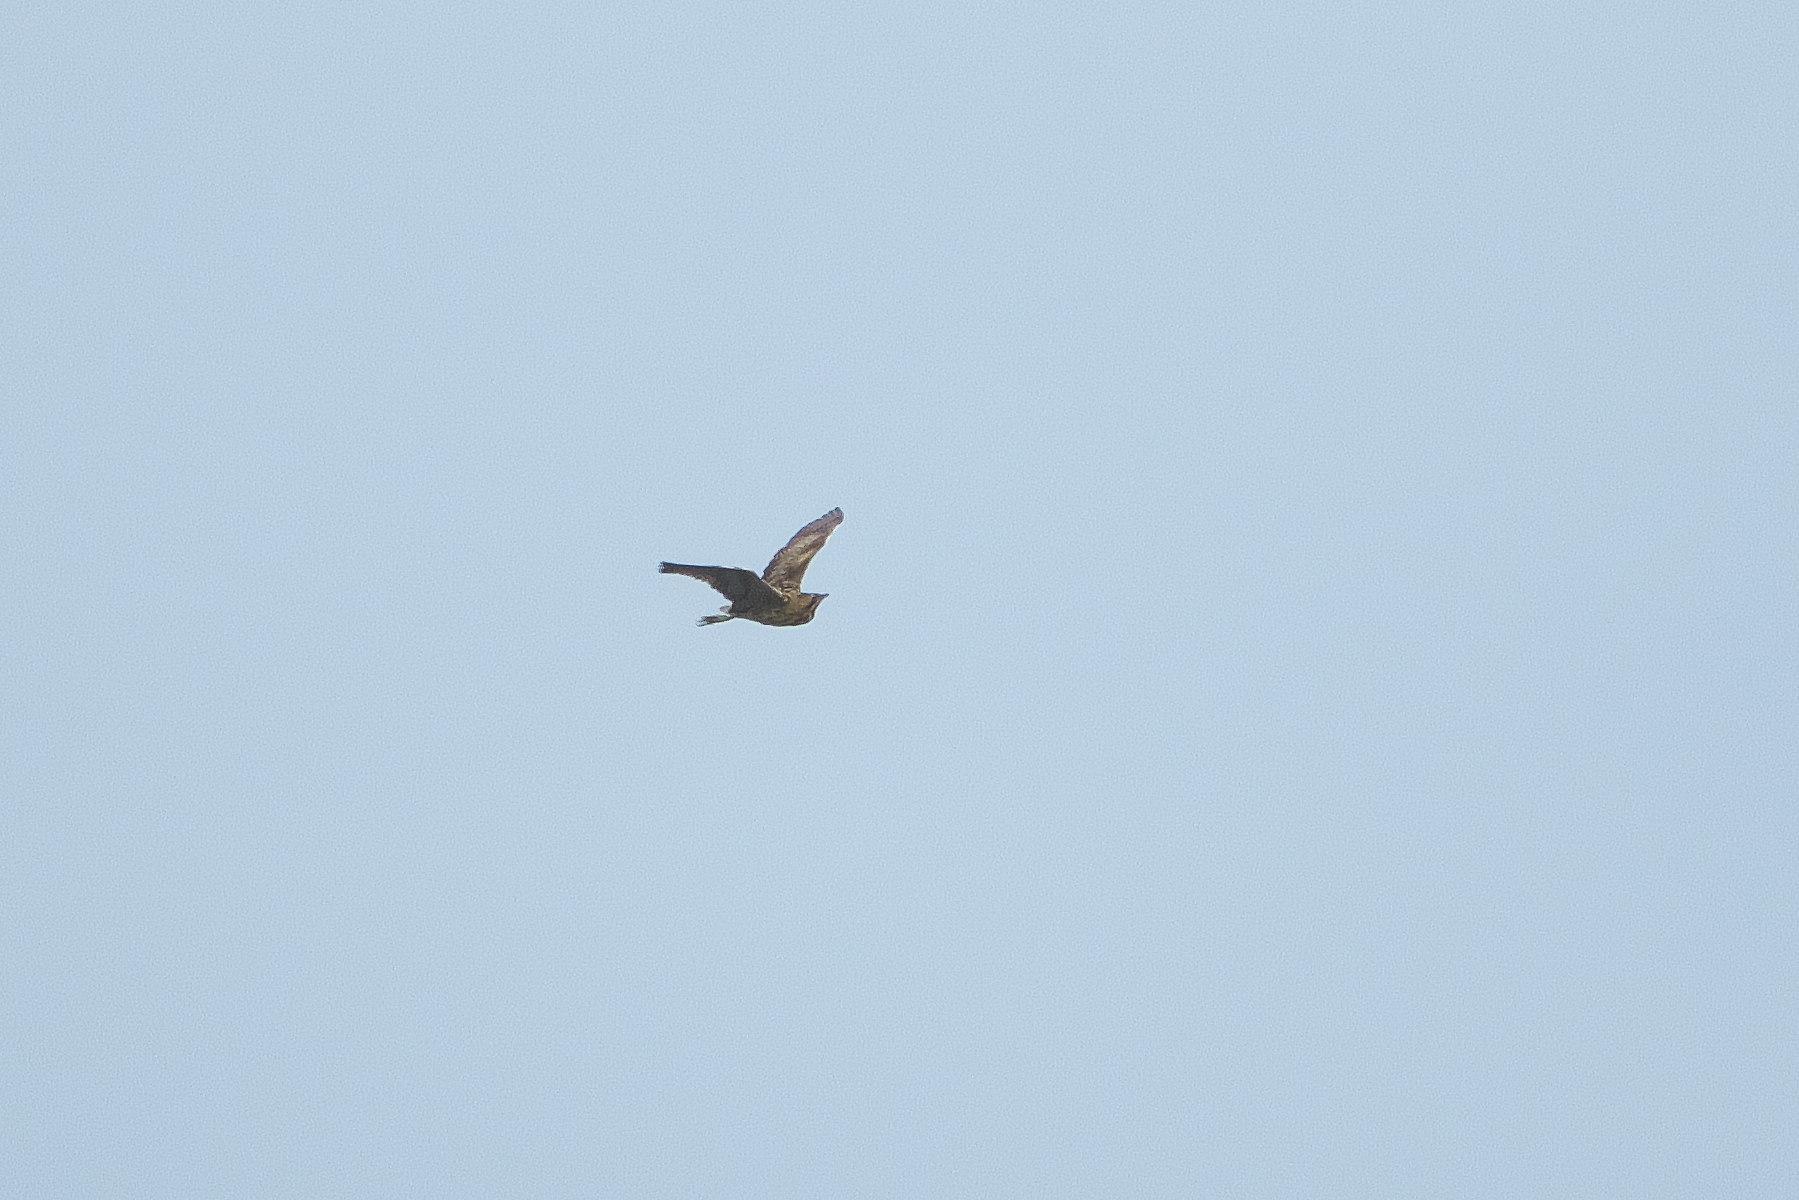 サンカノゴイが飛ぶ_d0125872_22444494.jpg